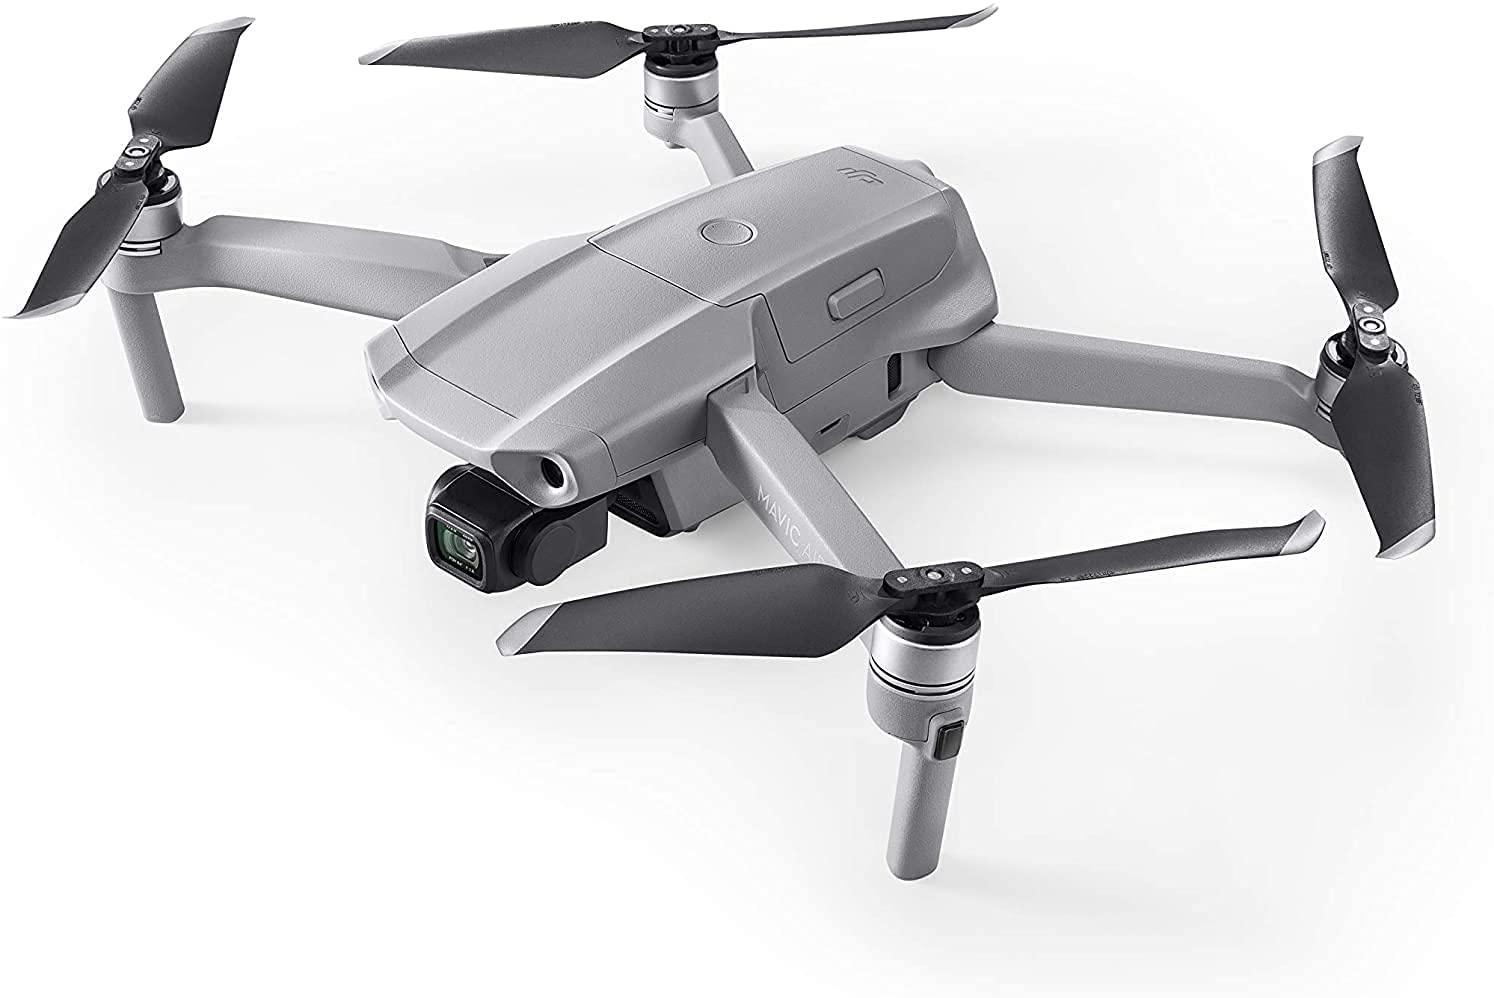 Dron do profesjonalnych zastosowań z kamerą